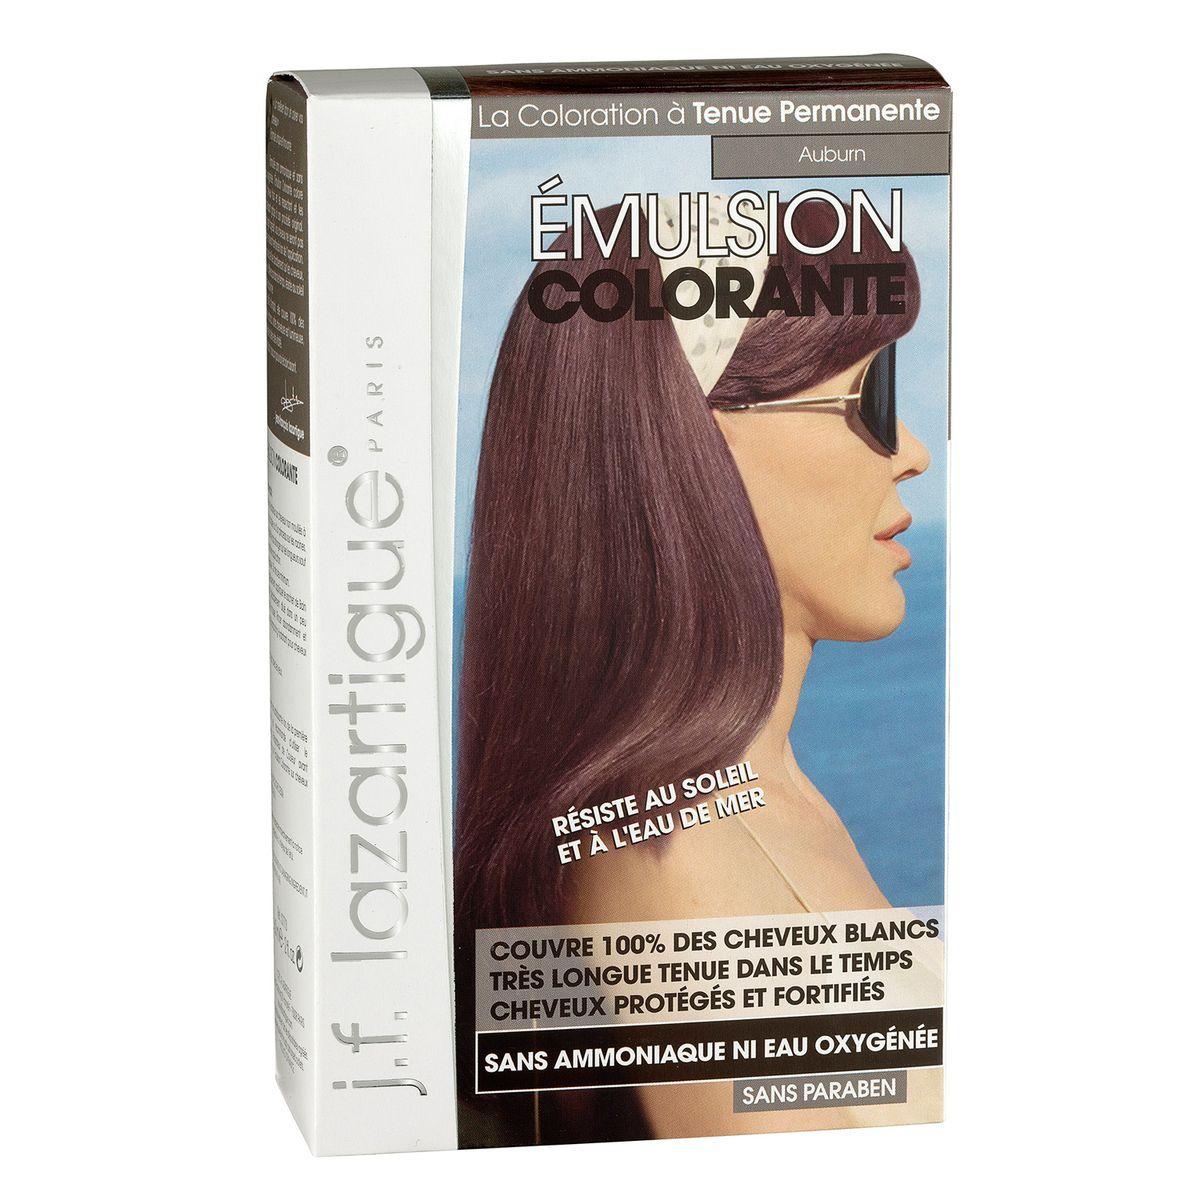 J.F.Lazartigue Оттеночная эмульсия для волос Рыжий 60 мл101599Благодаря оригинальной формуле полностью (на 100%) скрывает седину, длительное время сохраняет цвет, поддерживает здоровье и жизненную силу волос и сохраняет эти качества, несмотря на воздействие солнечных лучей, морской воды и прочих неблагоприятных экологических факторов. Не осветляет, не повреждает, а укрепляет волосы. Не содержит аммиака, перекиси водорода и парабенов. Не предназначена для окрашивания бровей и ресниц.